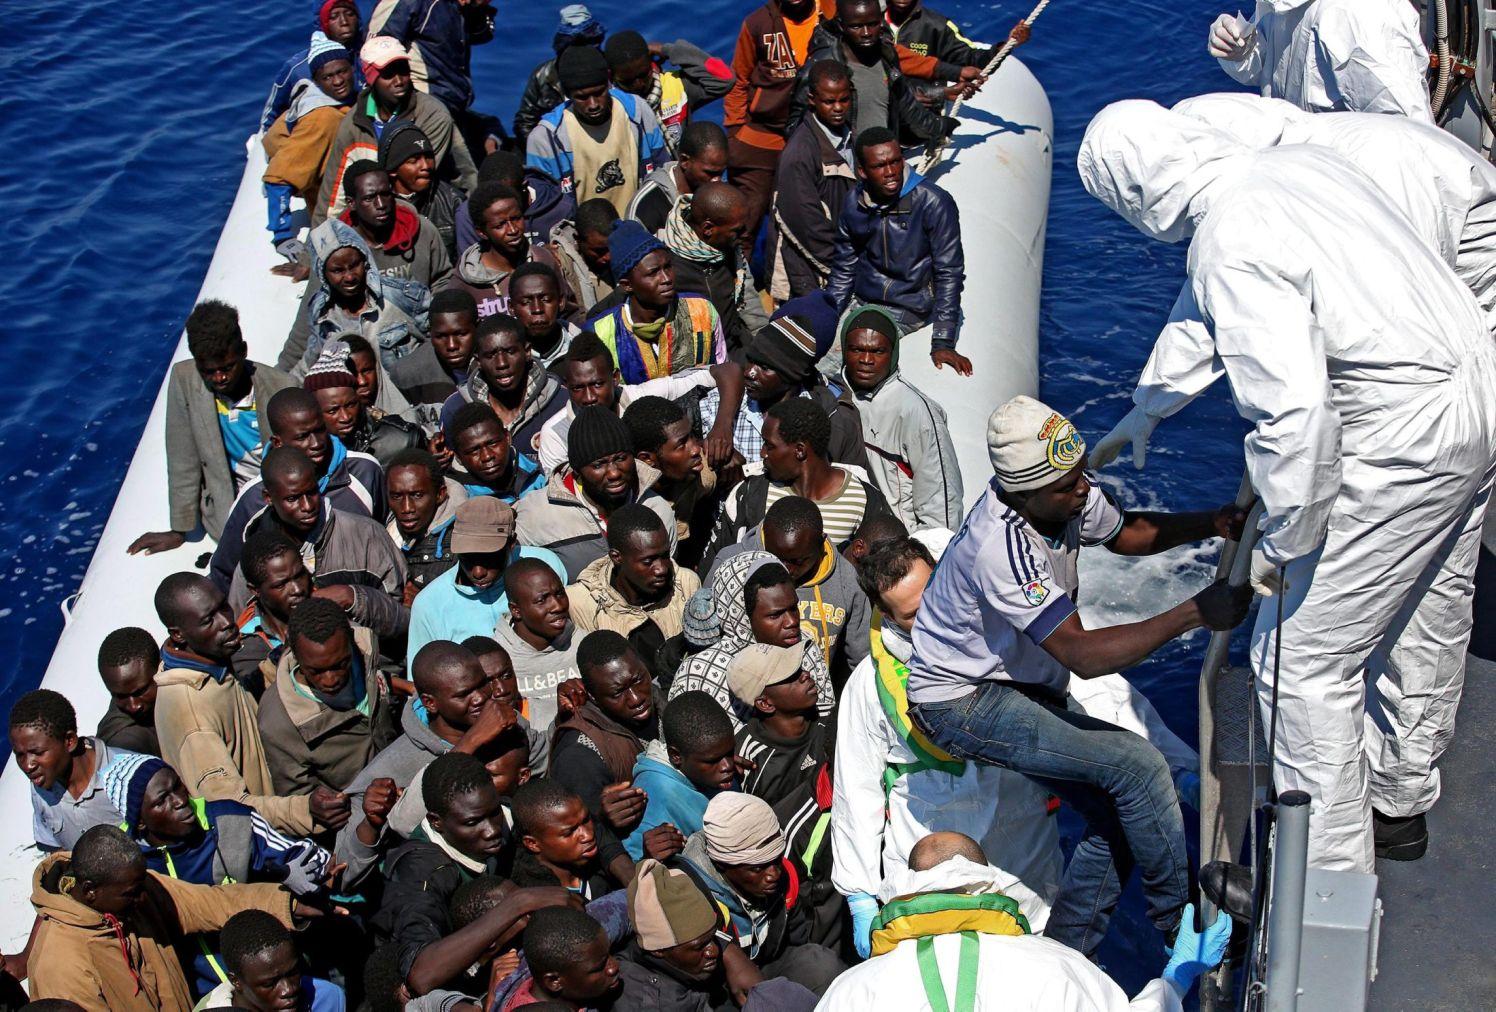 משמר החופים האיטלקי עוצר ספינת מהגרים מלוב בים התיכון, 2015